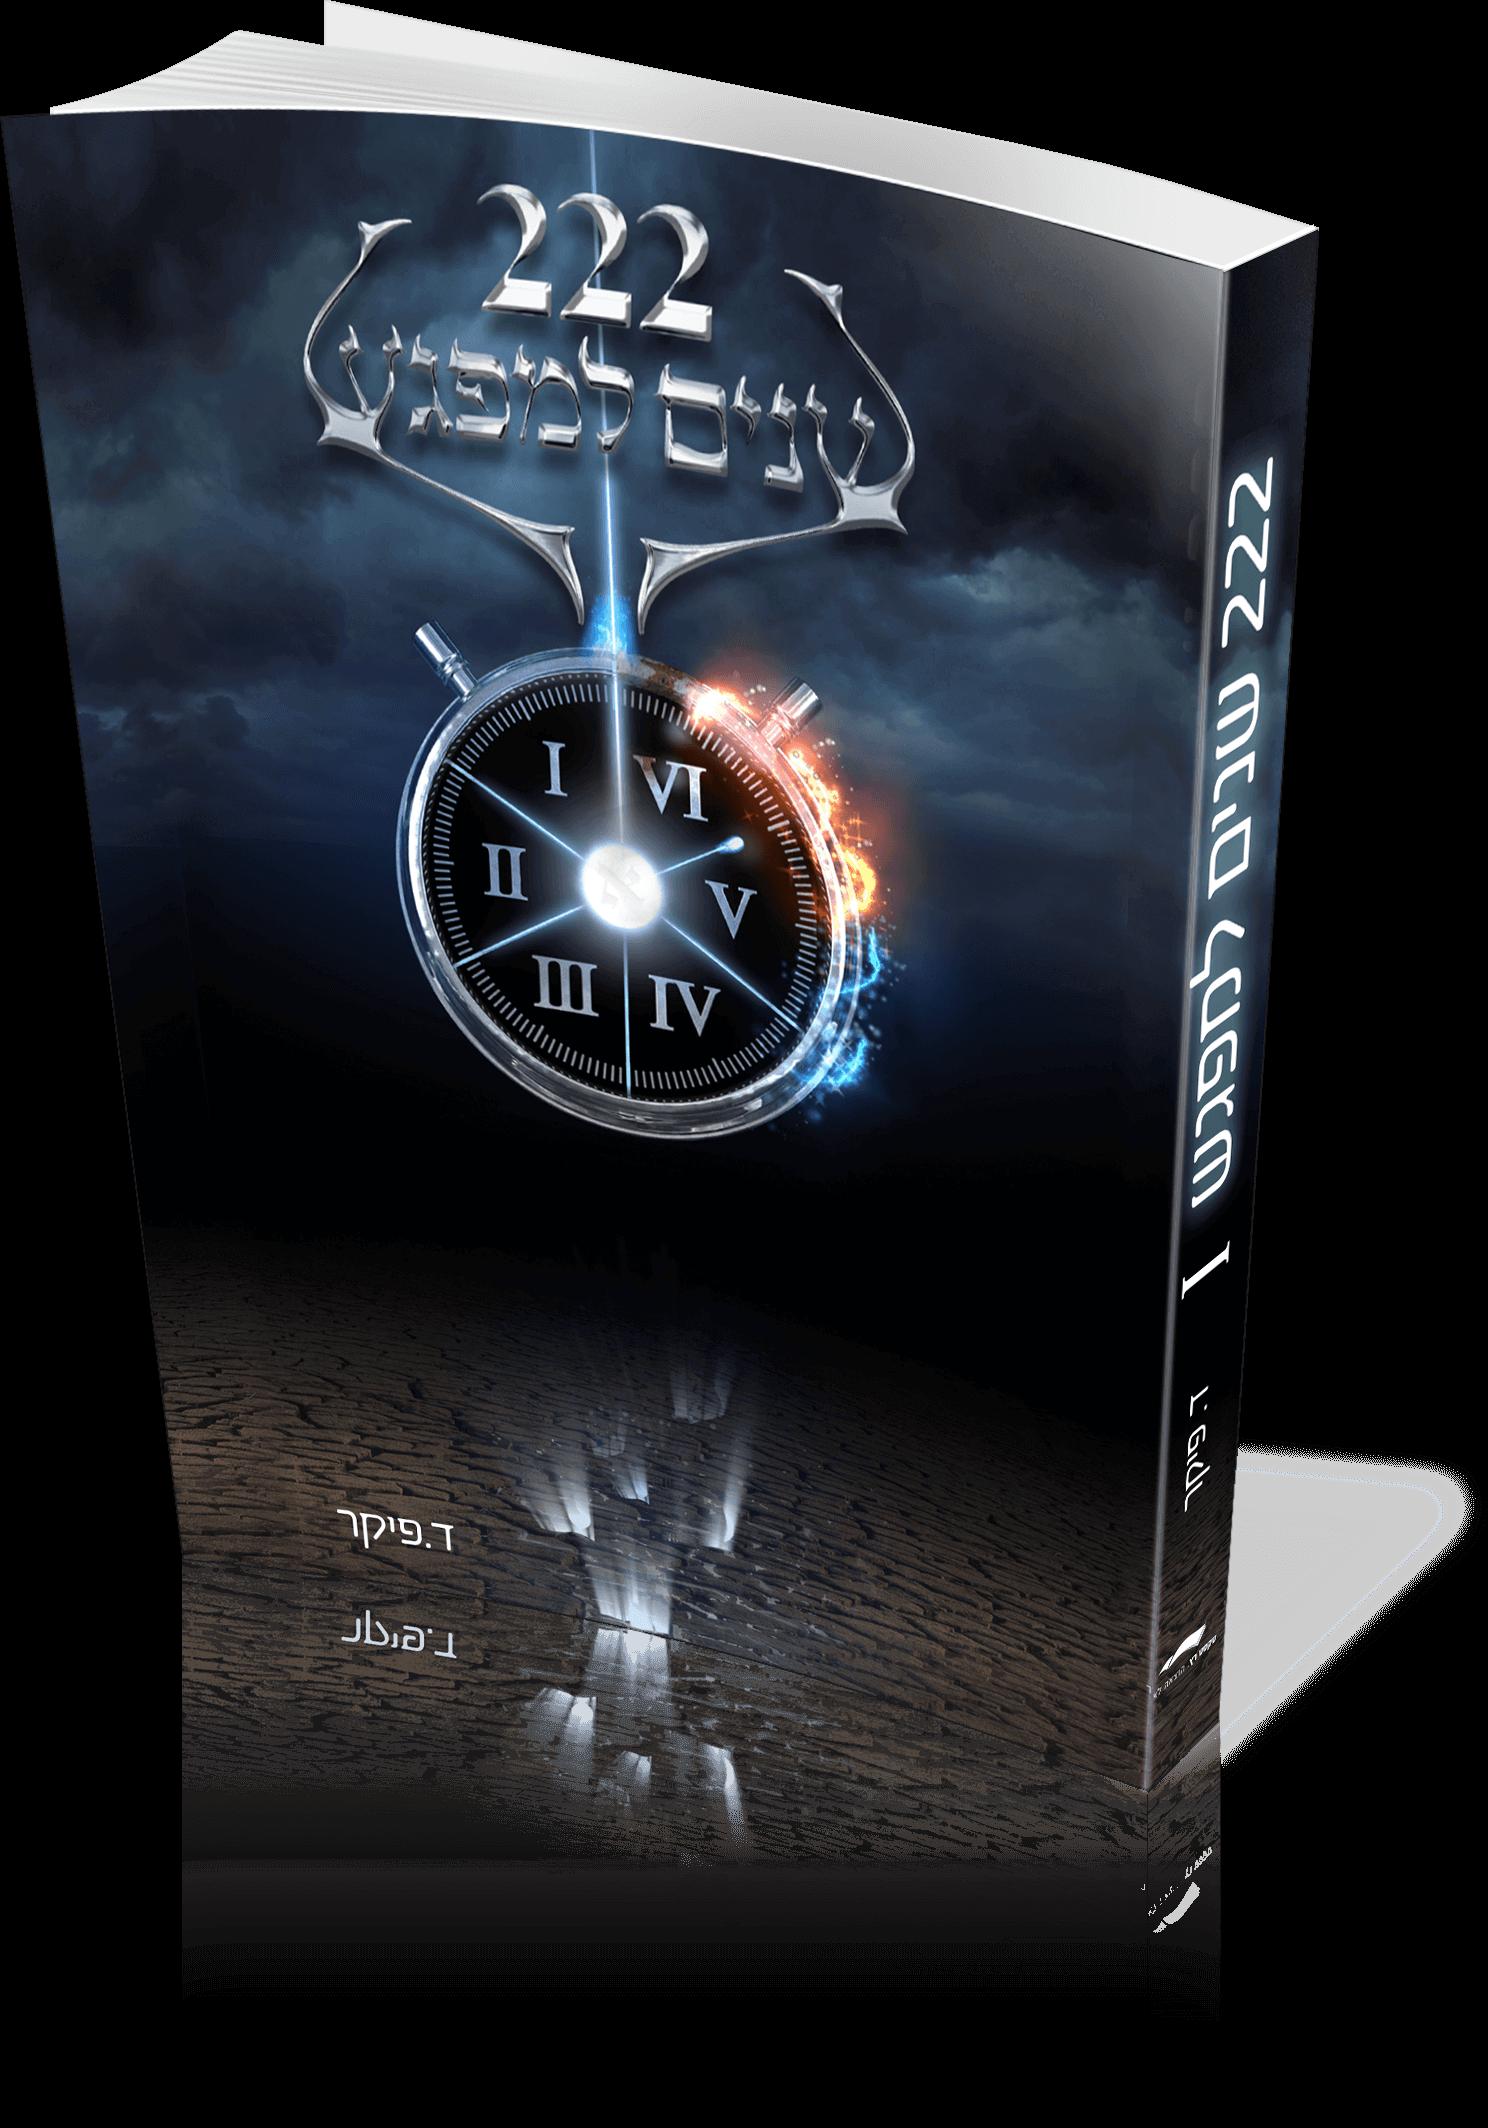 ספר 222 שנים למפגש ד. פיקר הוצאת ספרים טקסט רץ הוצאה לאור